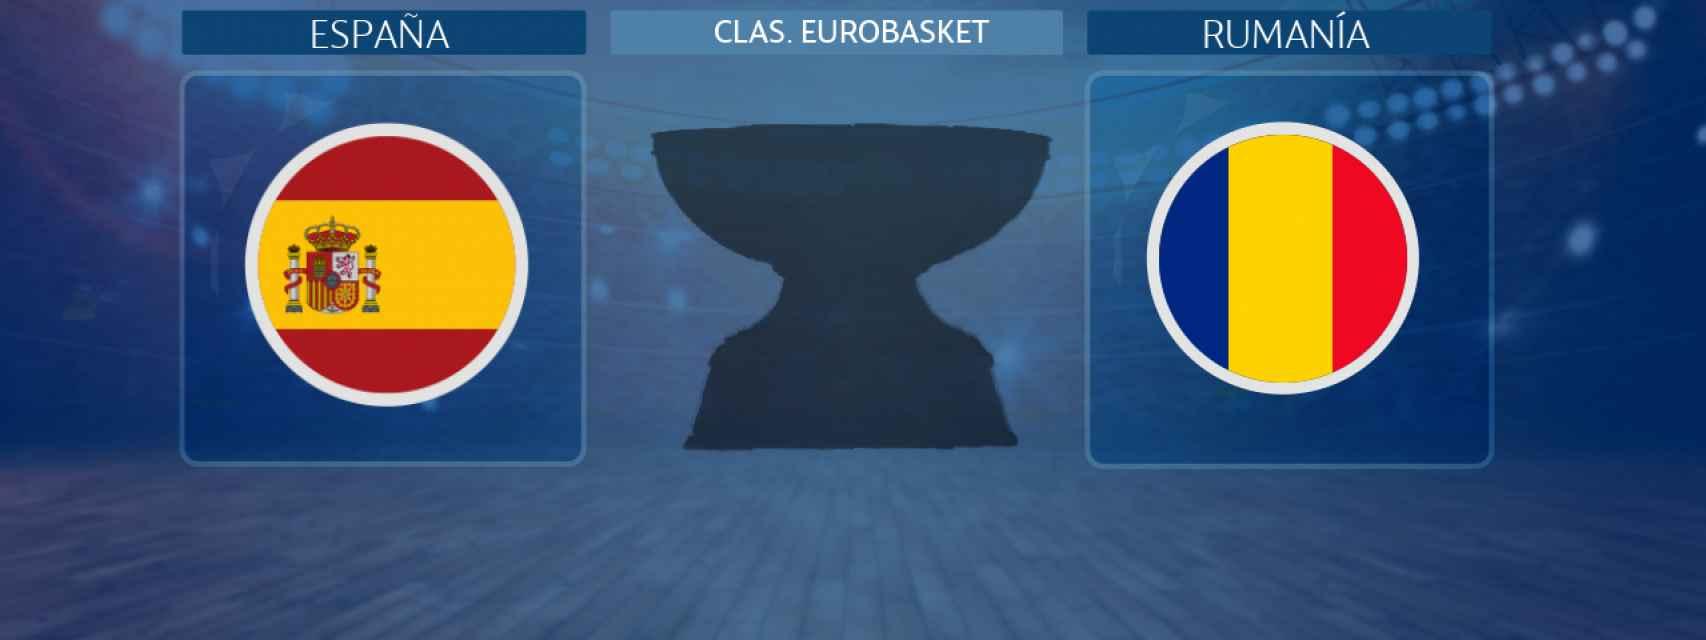 España - Rumanía, partido de la clasificación para el Eurobasket 2022